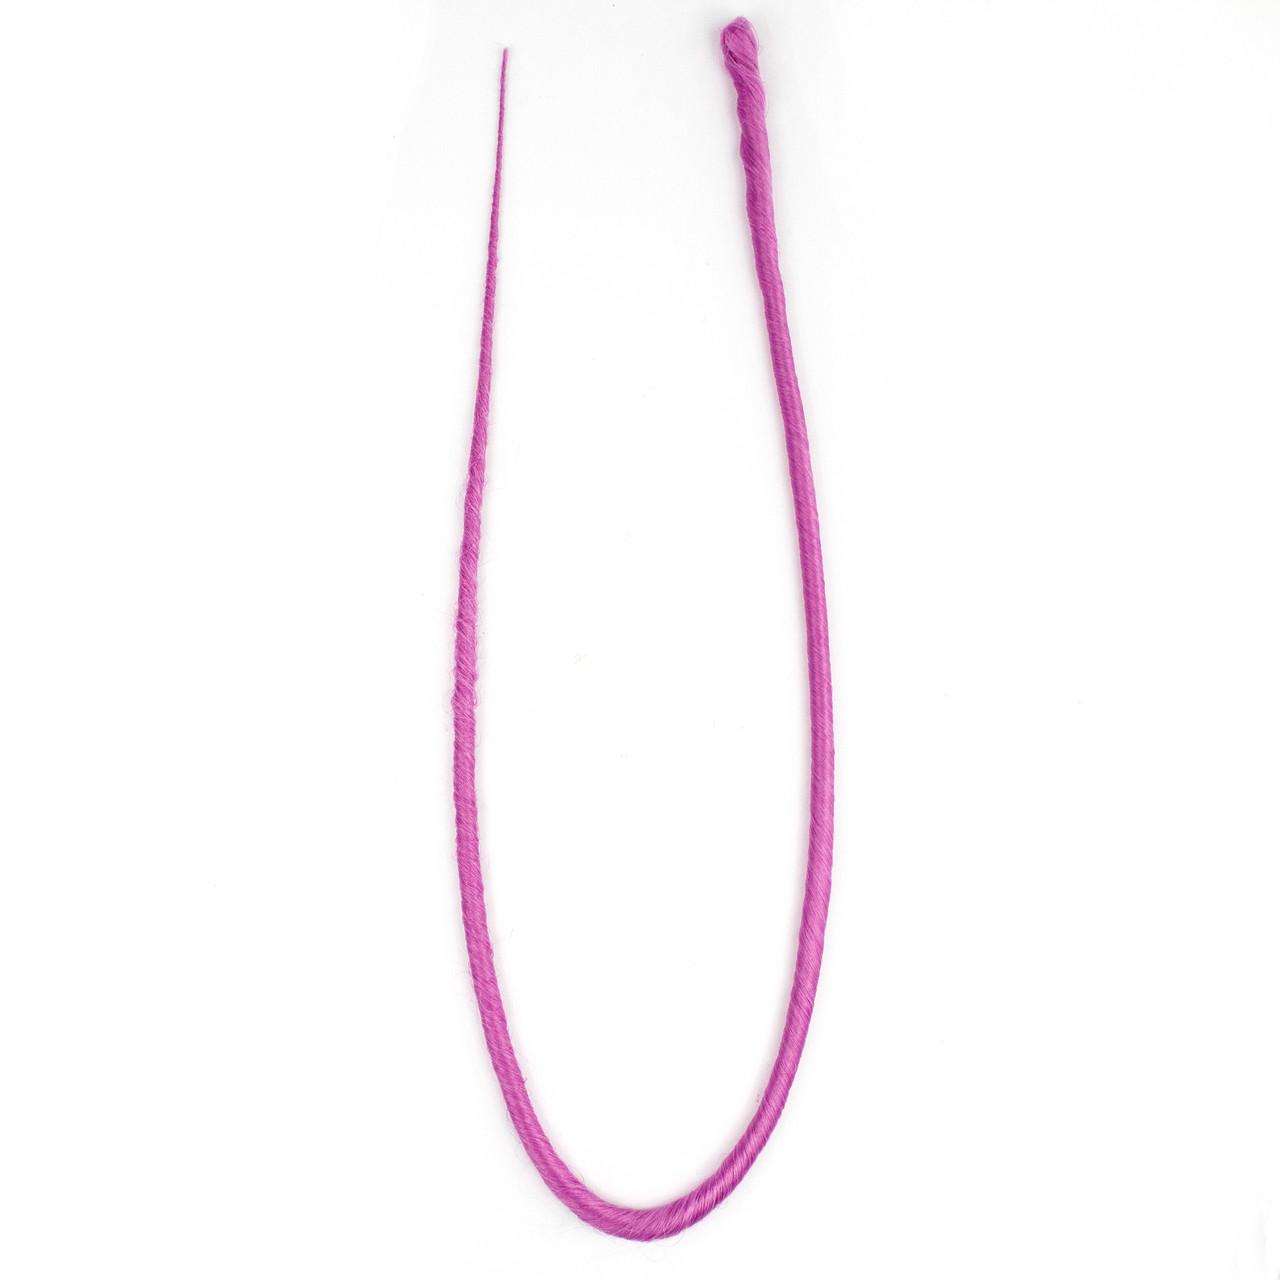 Дред единичный фиолетовый 60 см